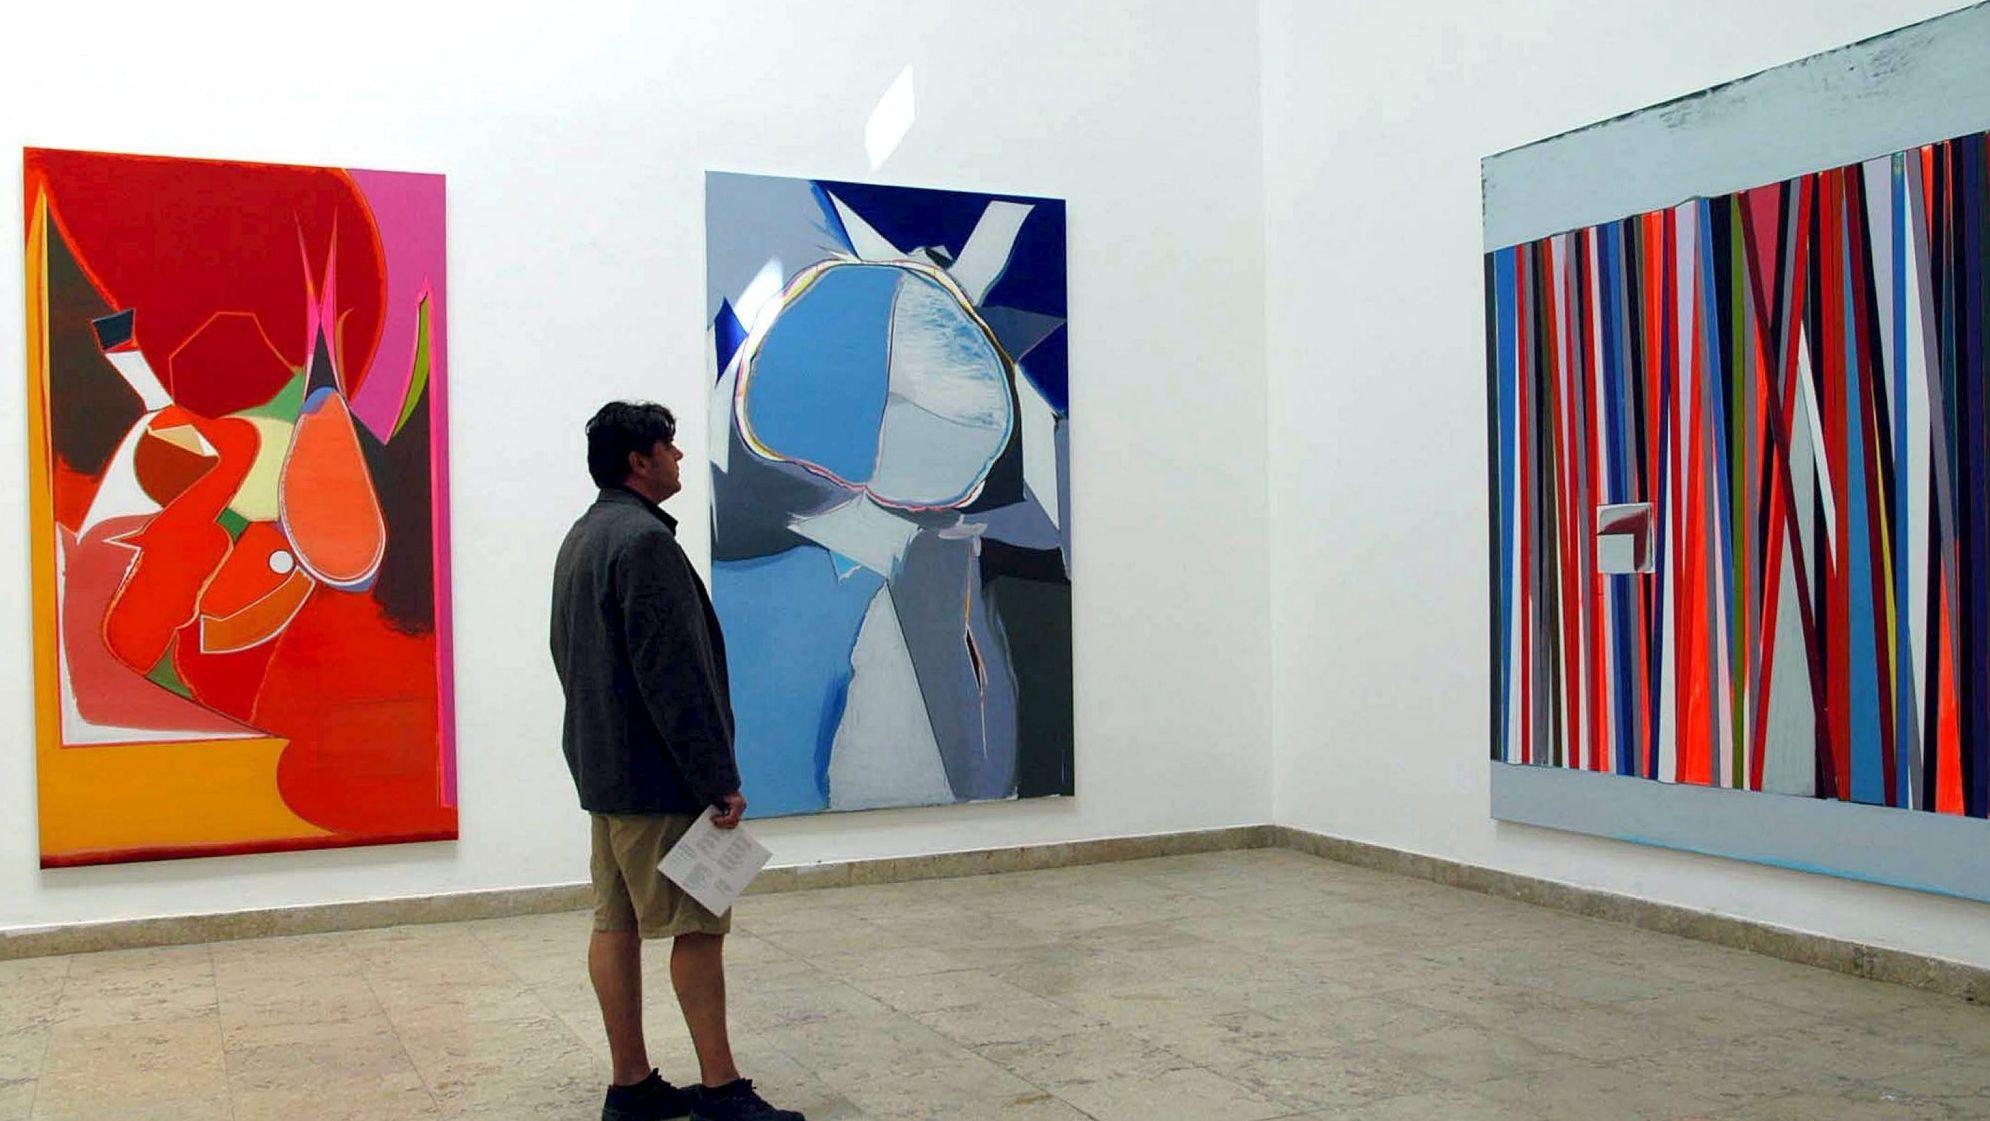 Der deutsche Pavillon 2005: Gemälde von Thomas Scheibitz, der mit Tino Sehgal zusammen den Pavillon bespielte.